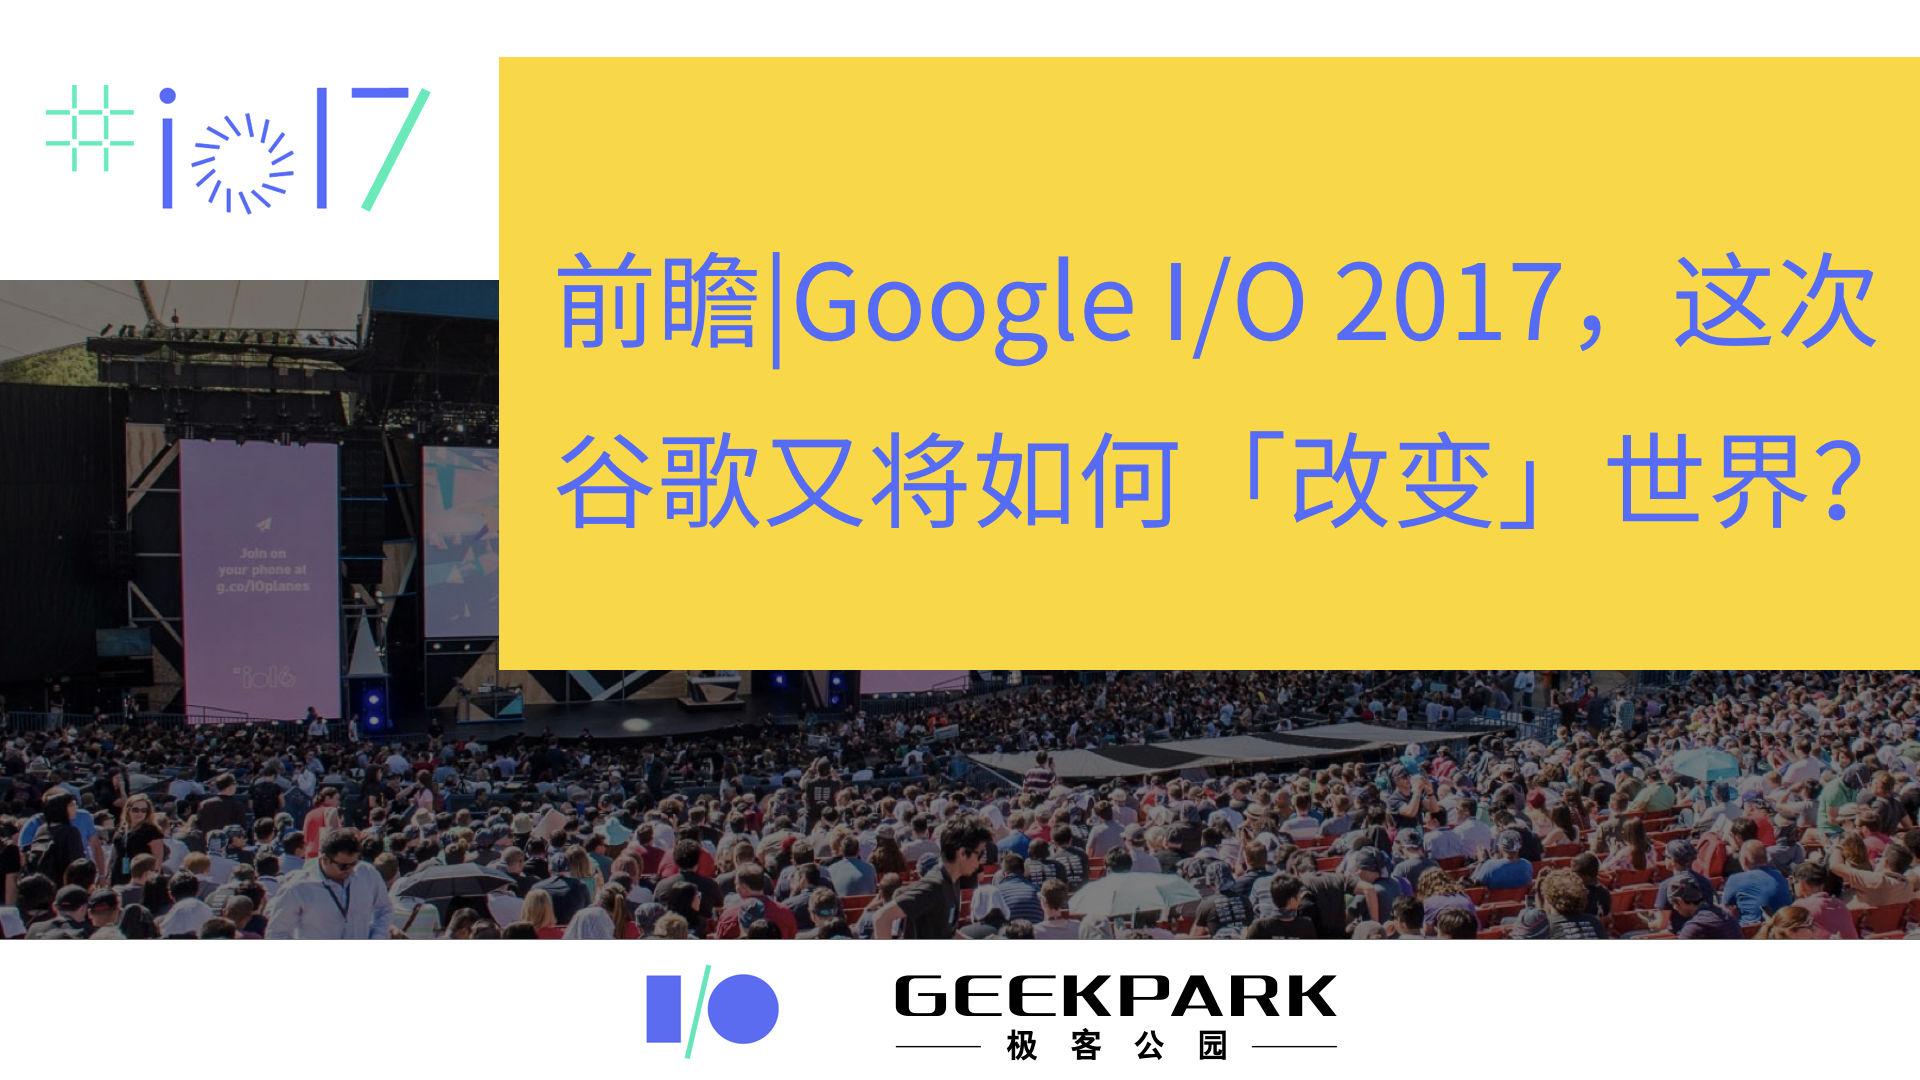 前瞻 | Google I/O 2017,这次谷歌又将如何「改变」世界?